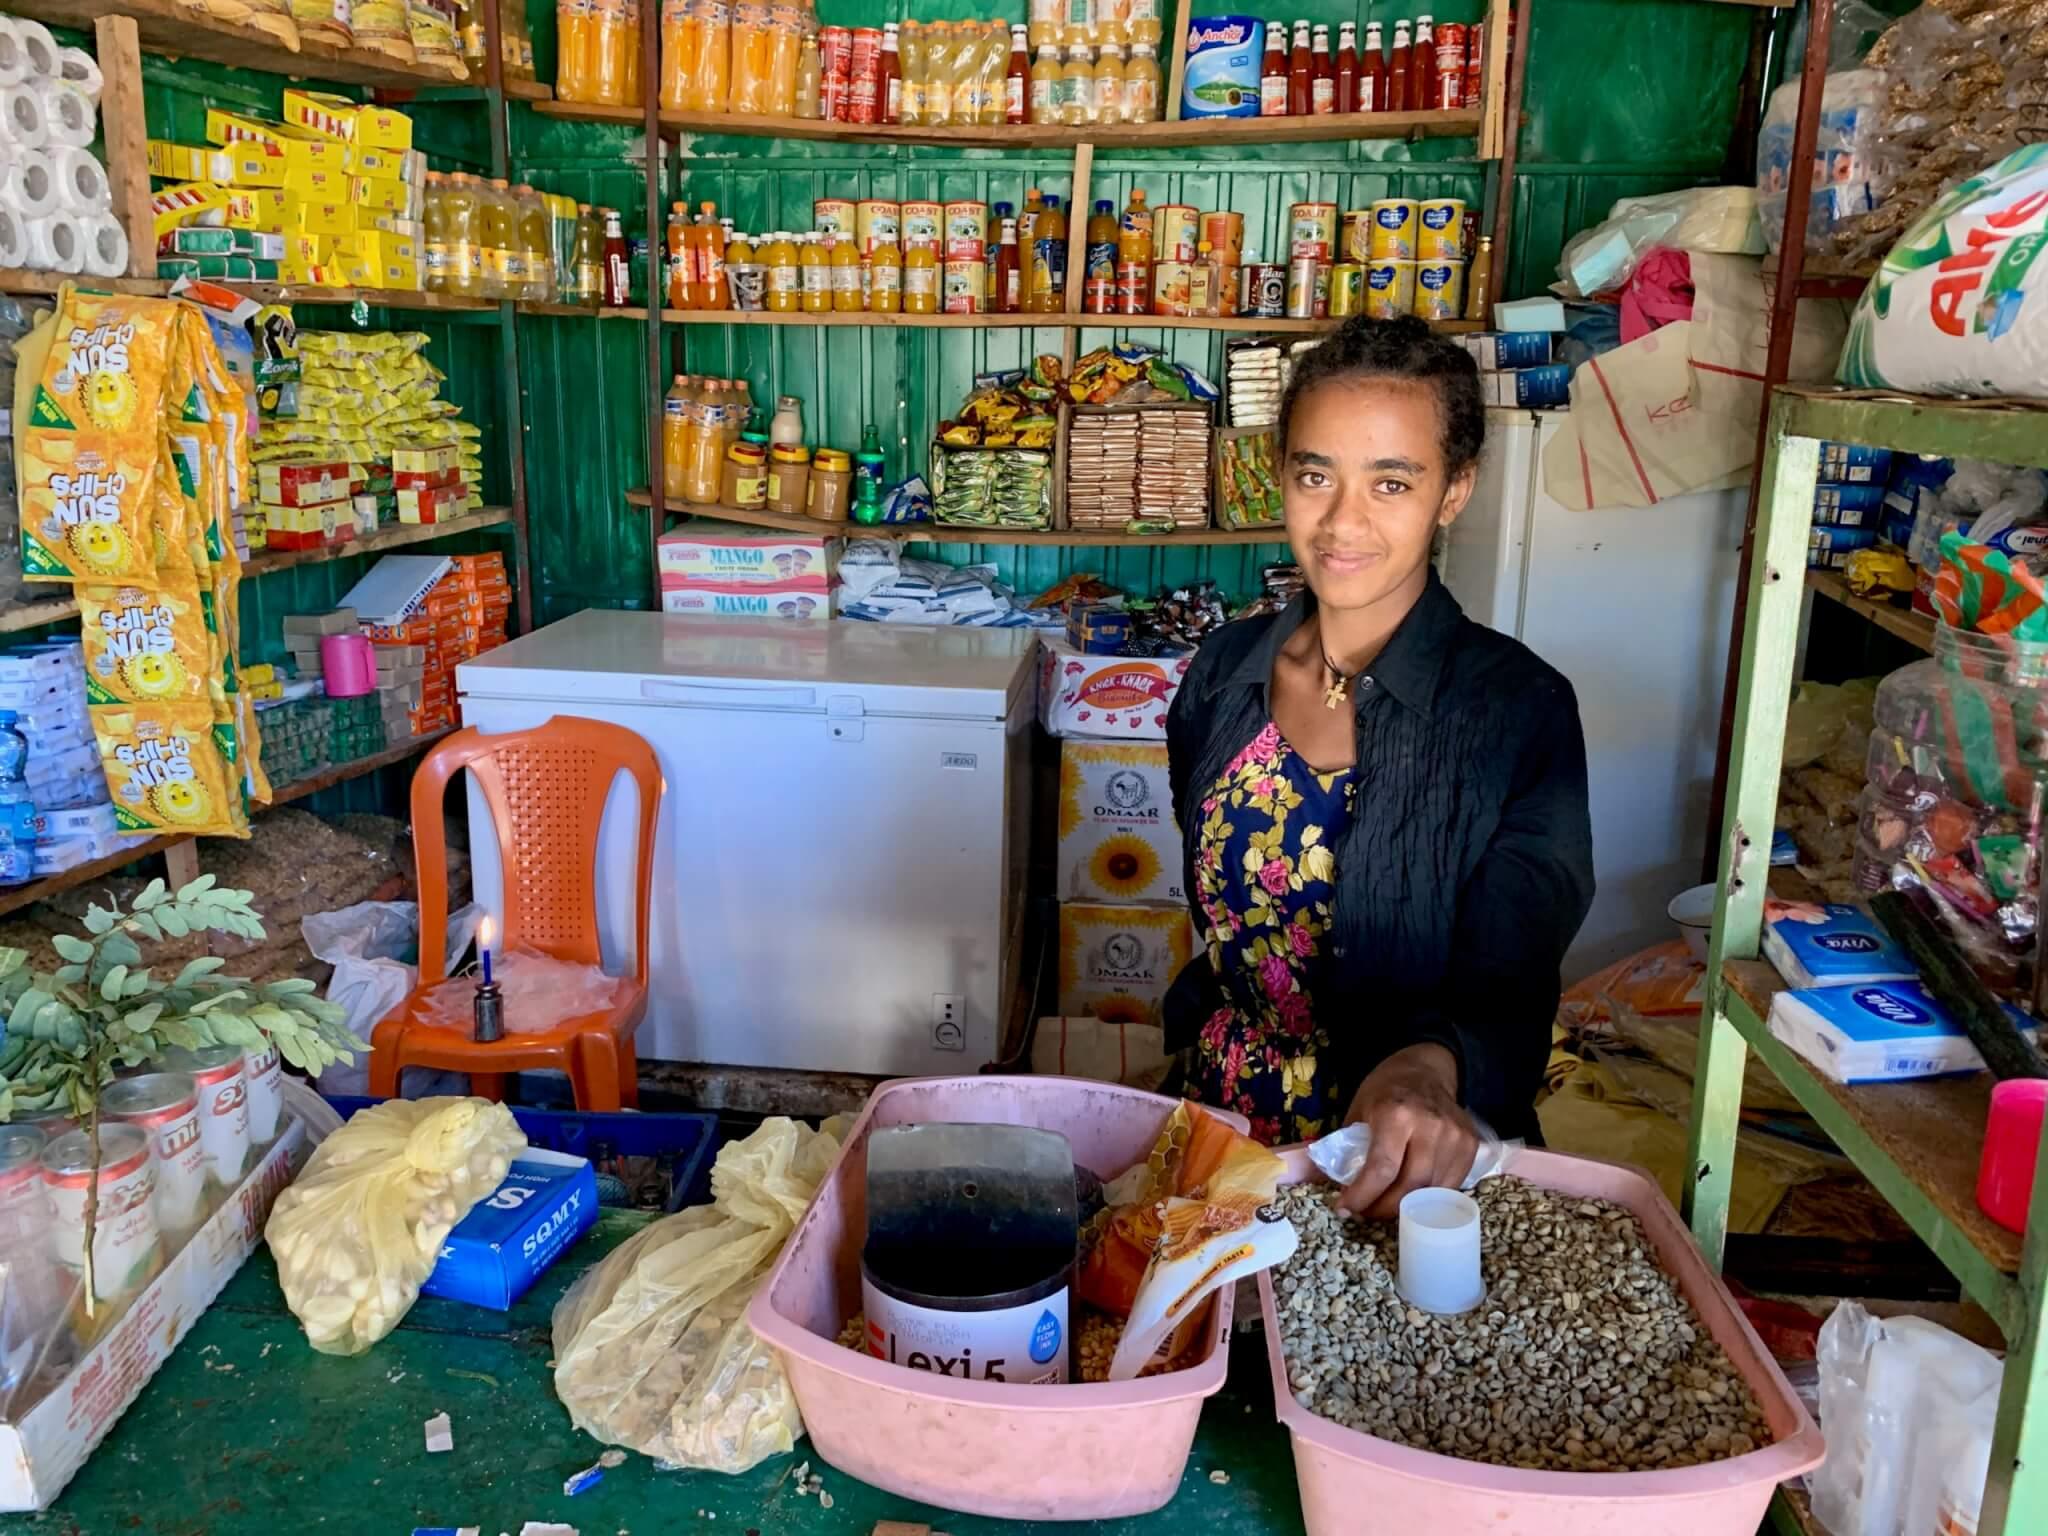 Freihandelszone in Afrika: Ticket ins Glück?